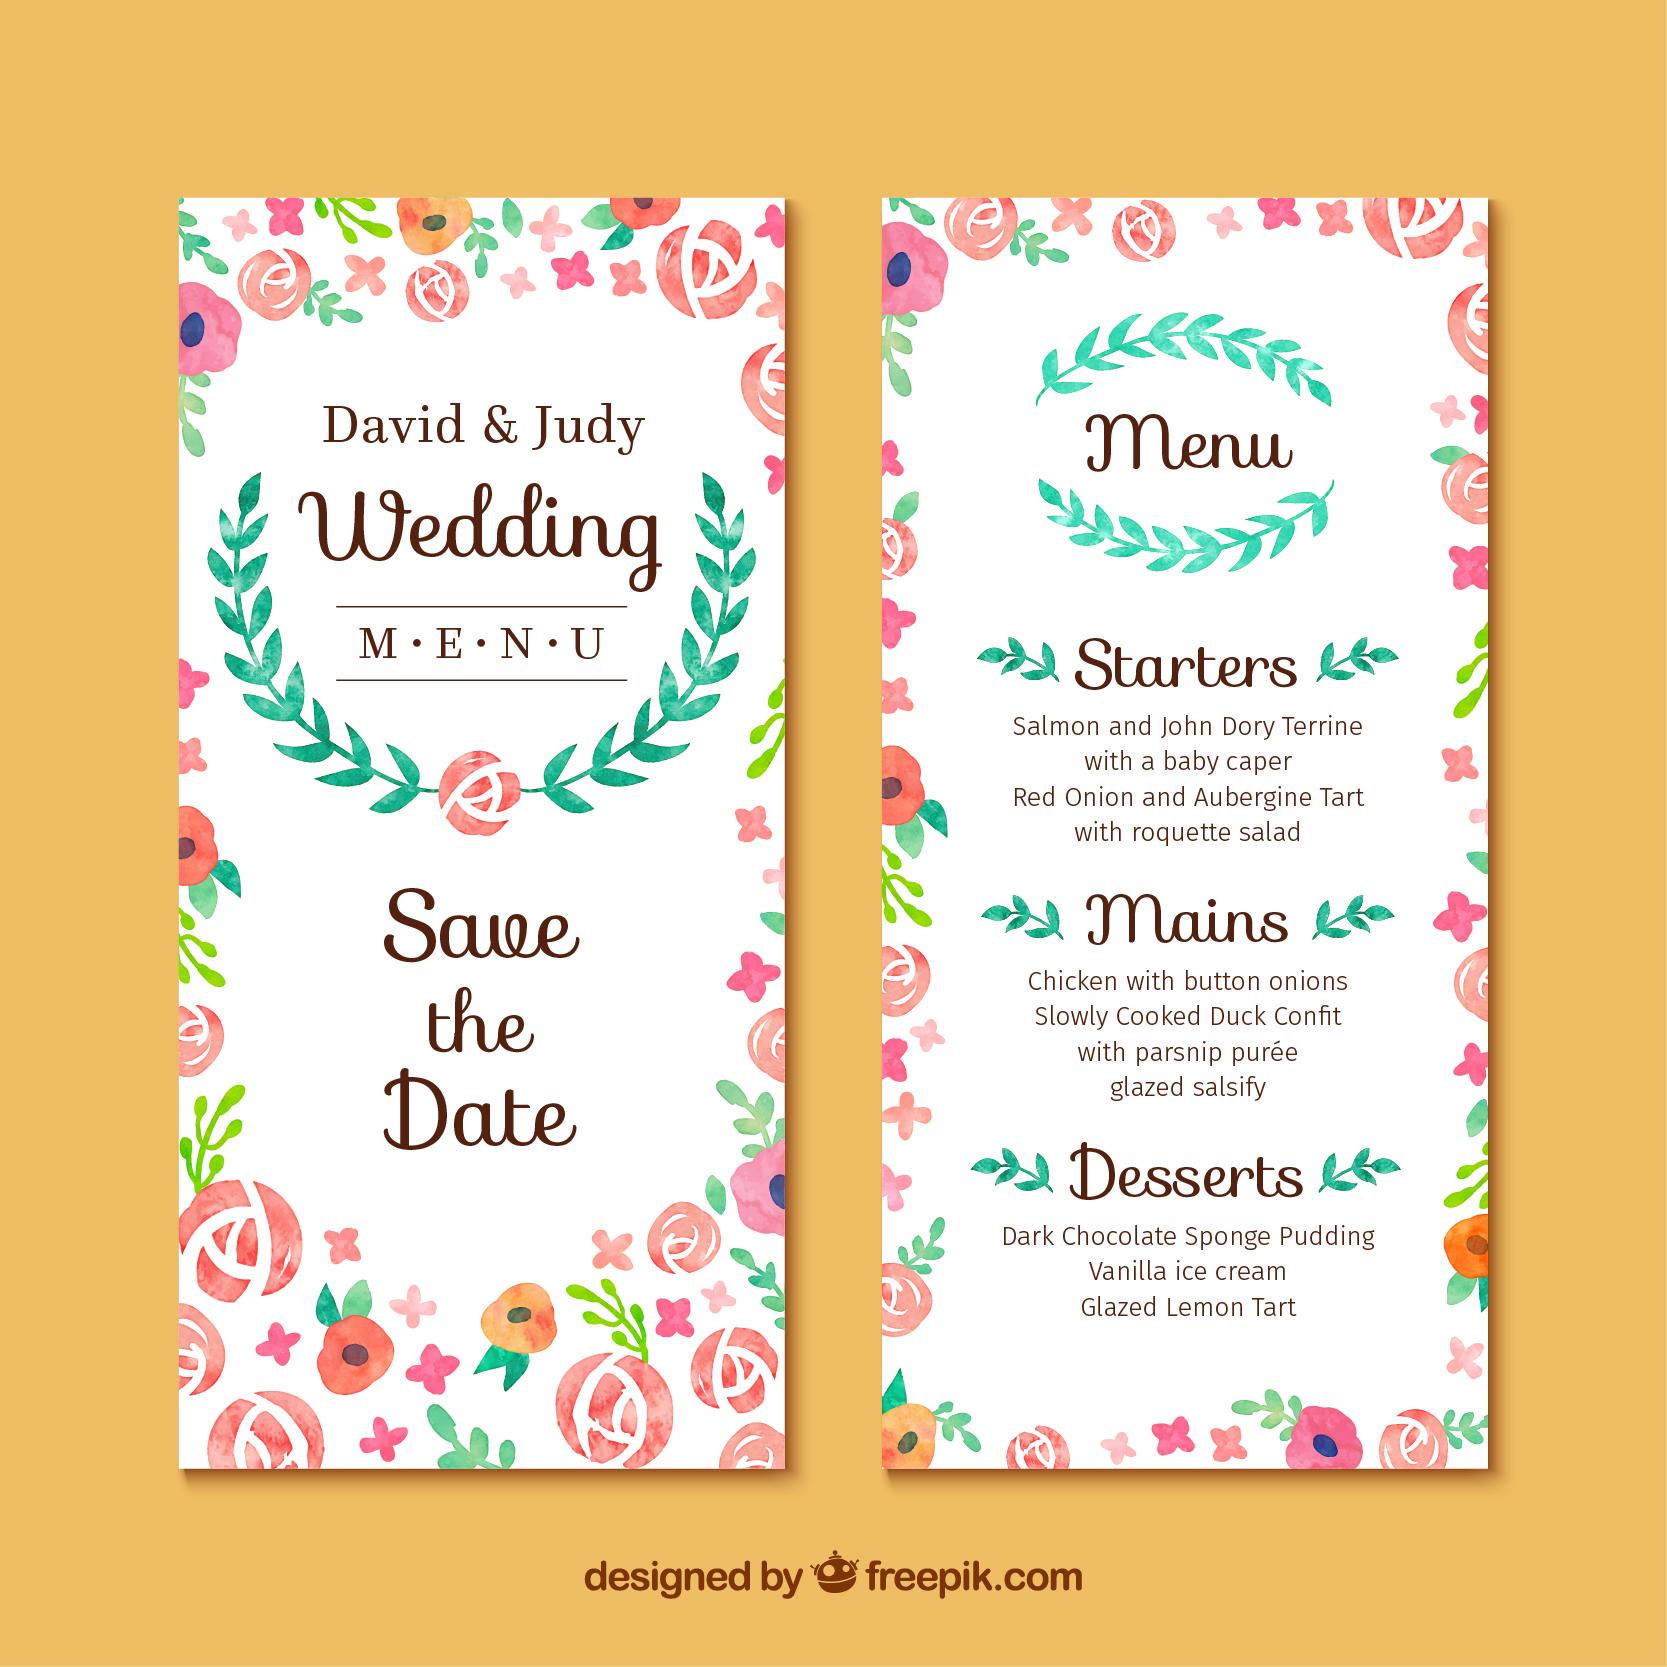 Wedding Menu Ideas: 6+ Wedding Menu Ideas